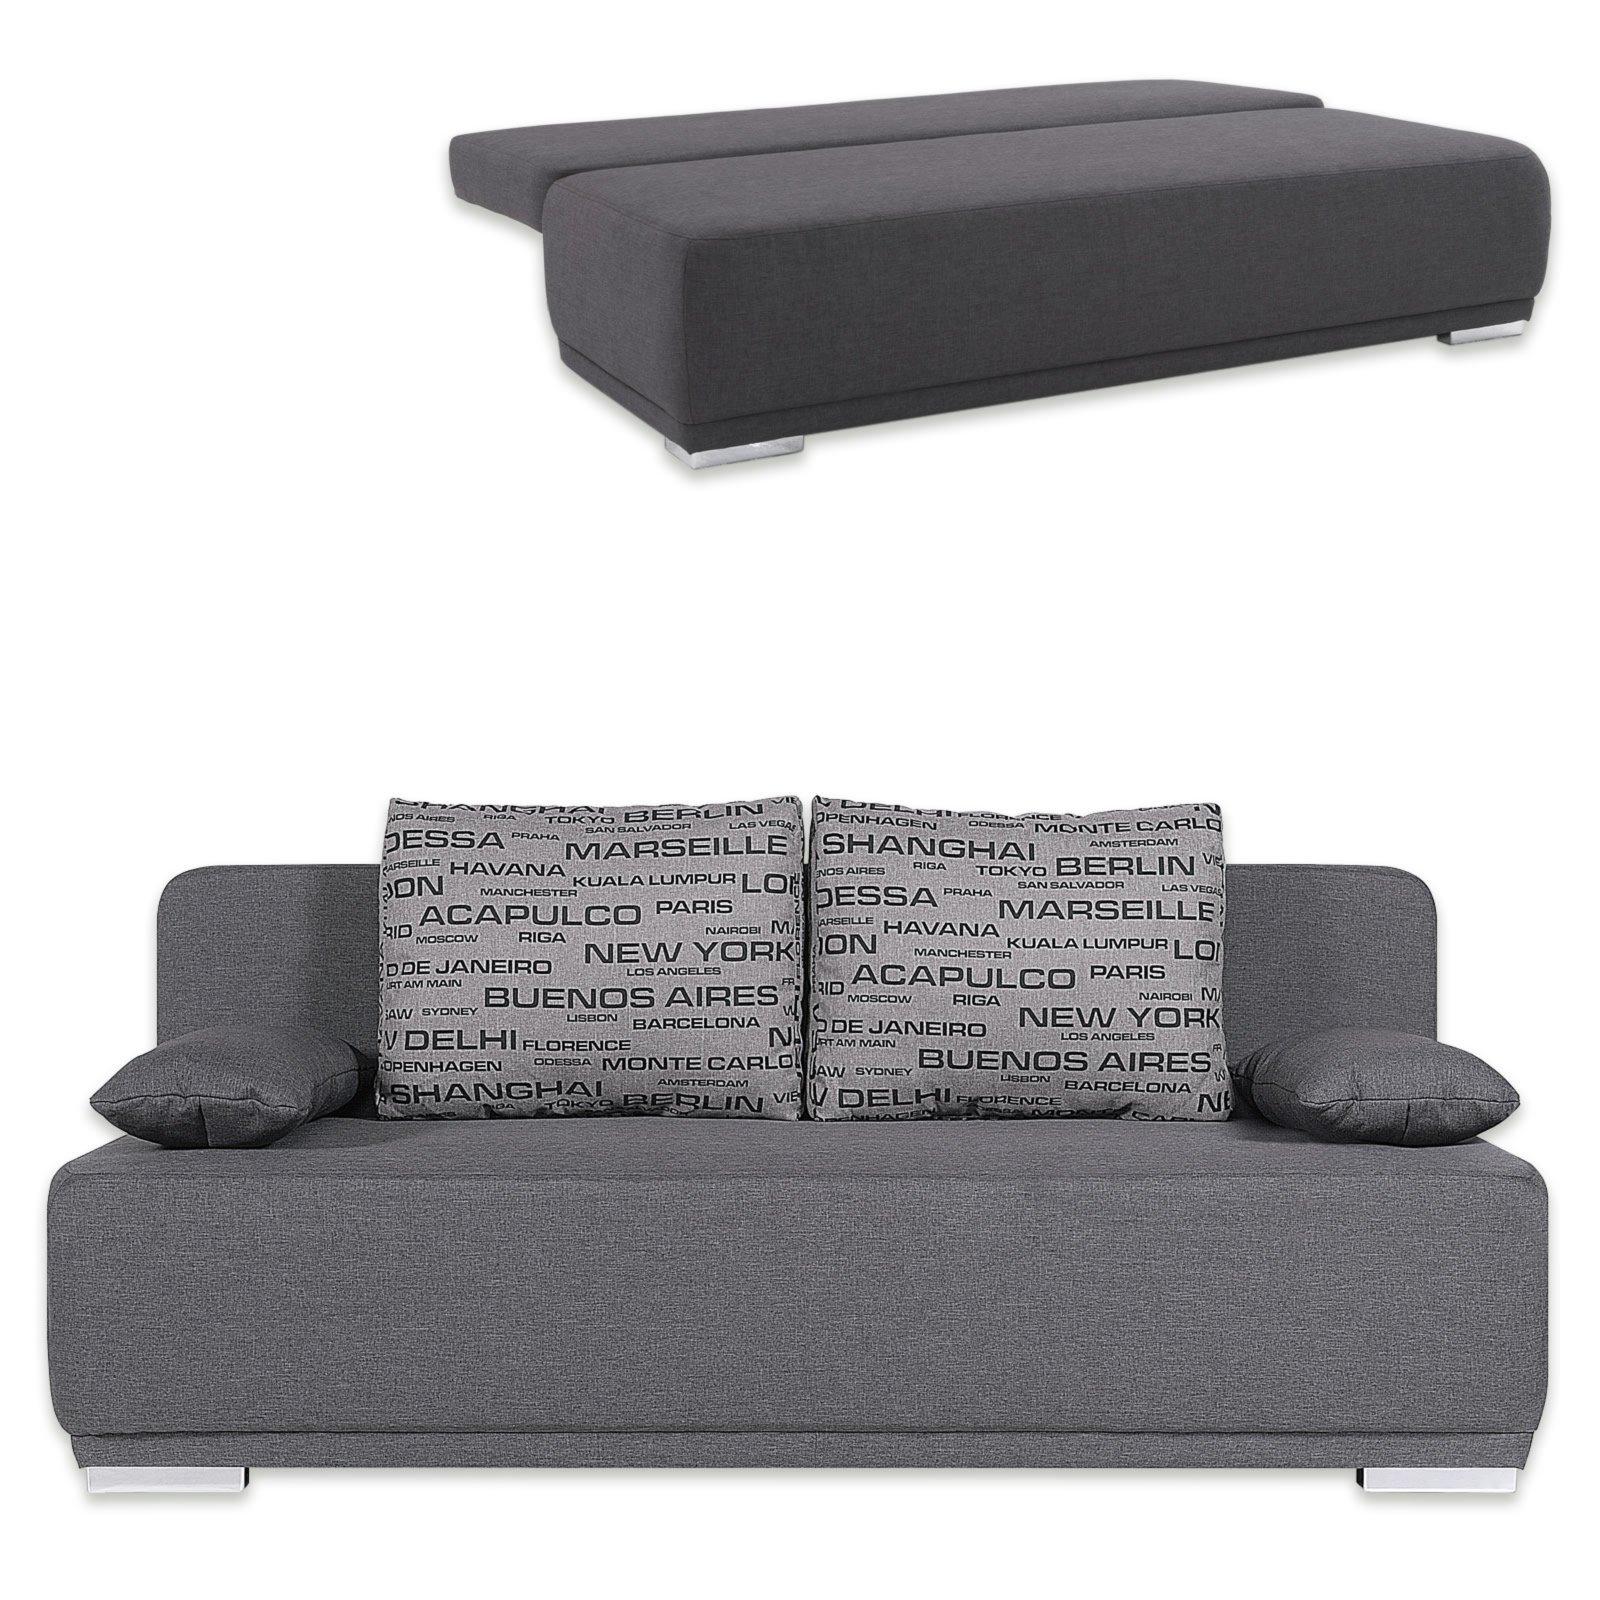 schlafsofa grau mit staukasten ebay. Black Bedroom Furniture Sets. Home Design Ideas